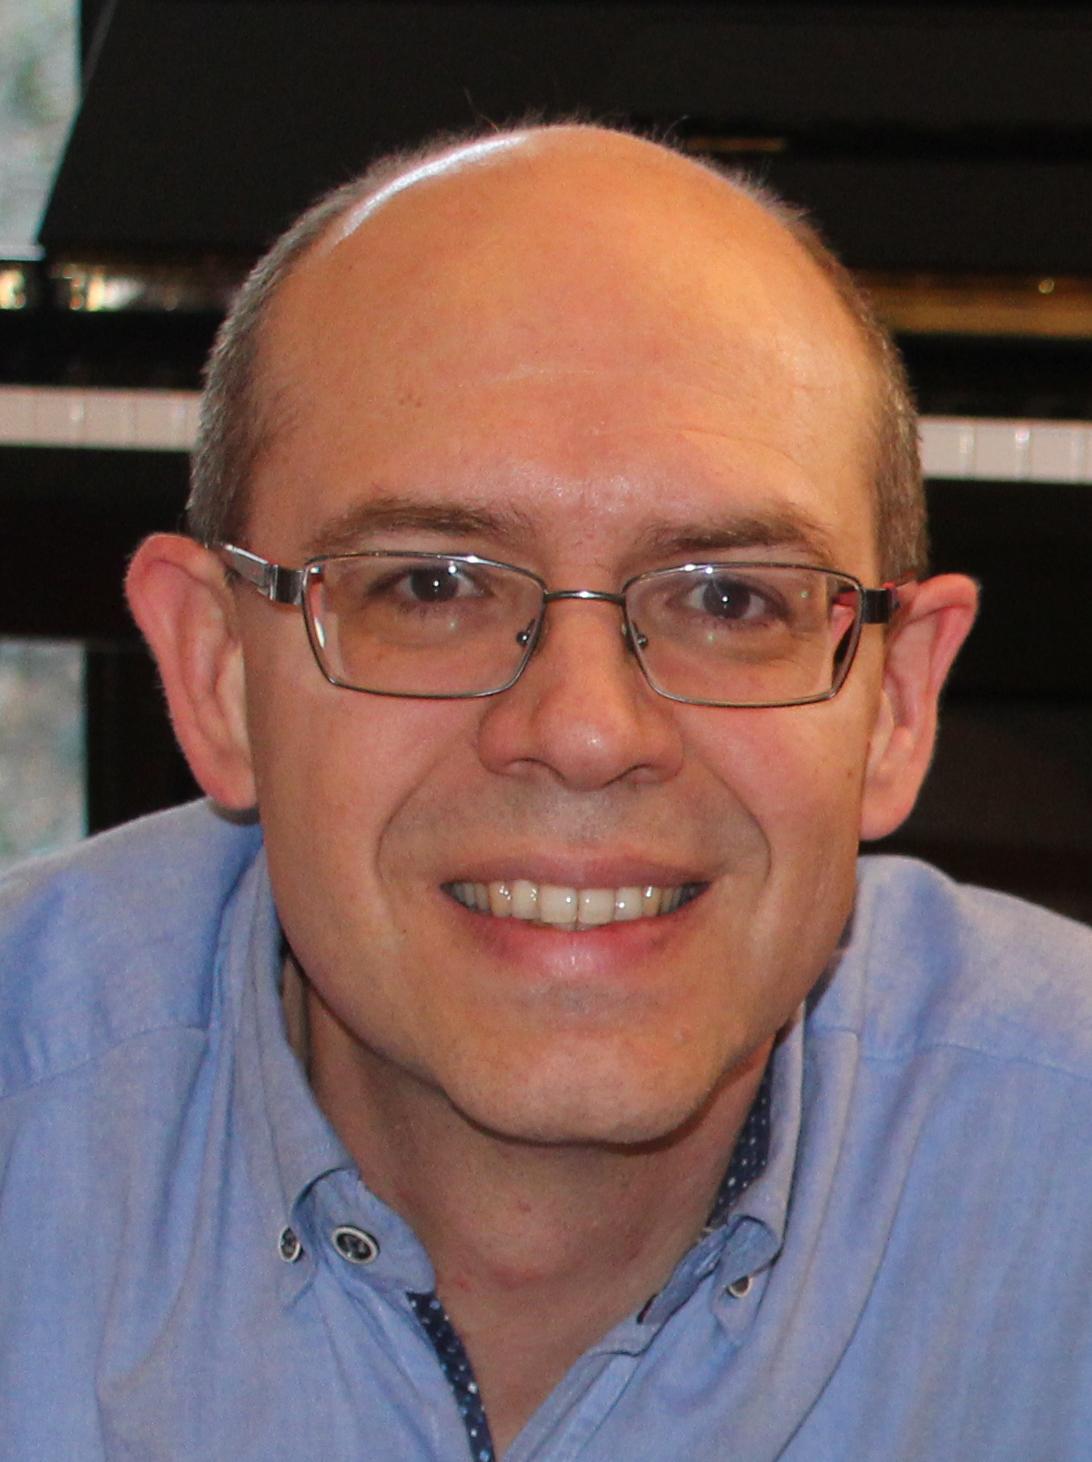 Andrés Perez-Uribe